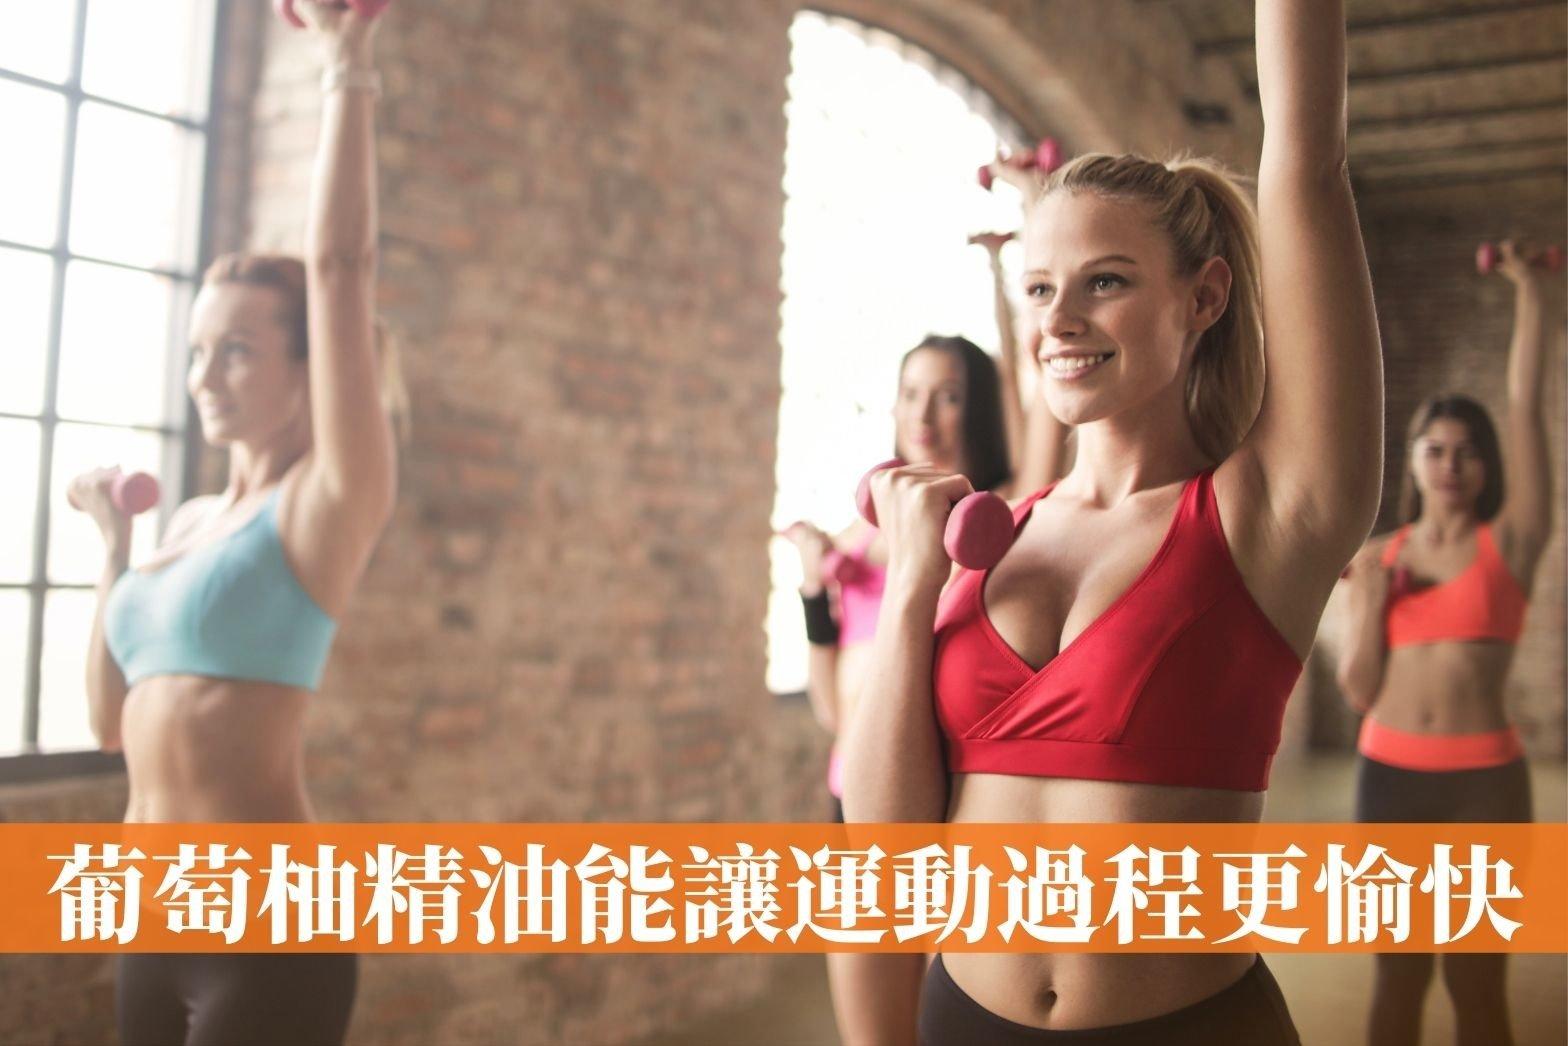 運動減肥難堅持?研究發現:葡萄柚精油能降低運動過程不適有效提升訓練效果